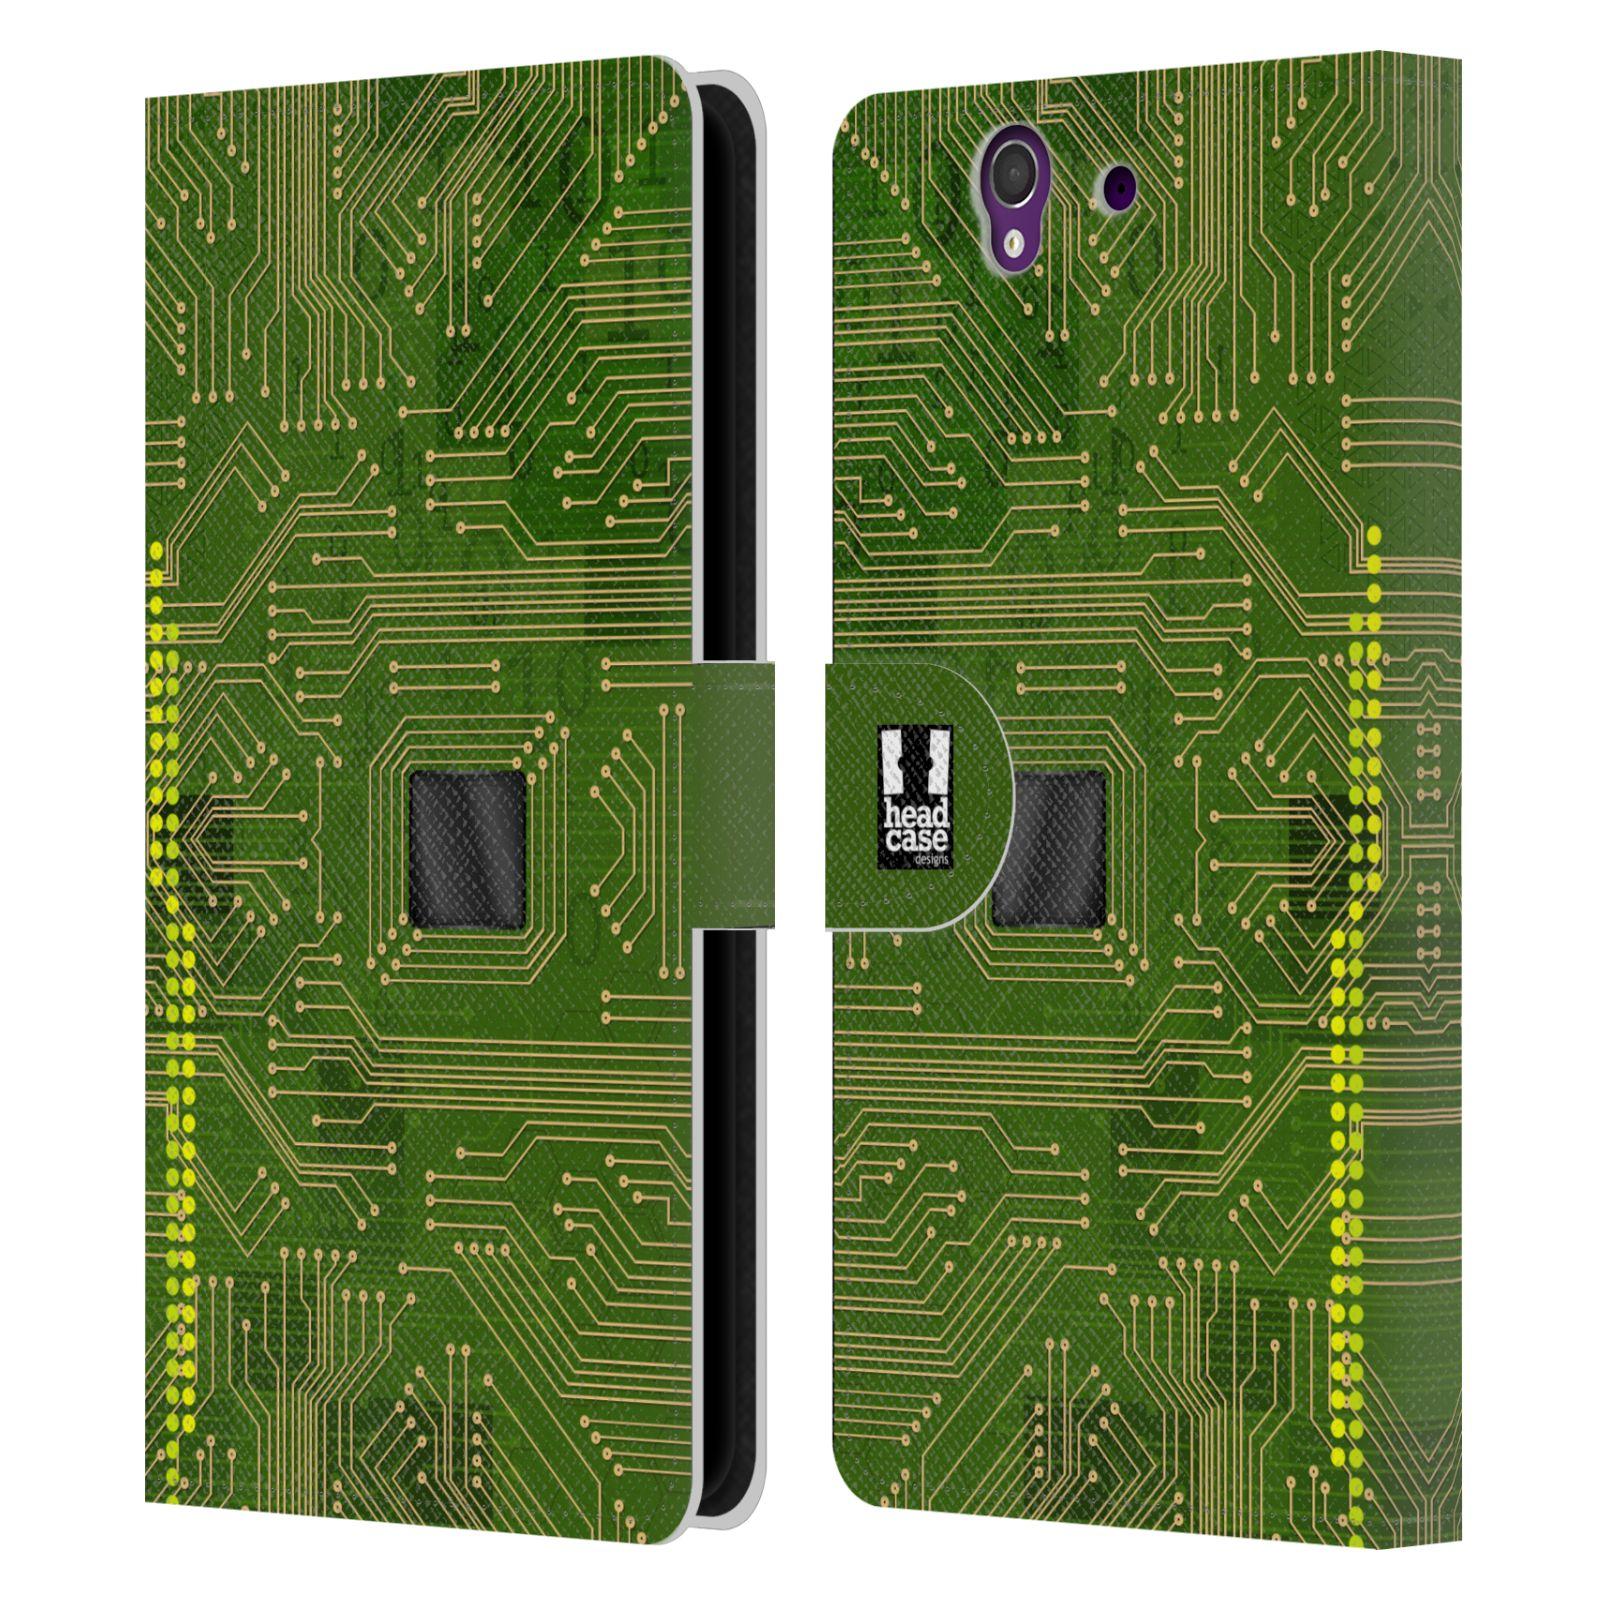 HEAD CASE Flipové pouzdro pro mobil SONY XPERIA Z (C6603) počítač základní deska zelená barva